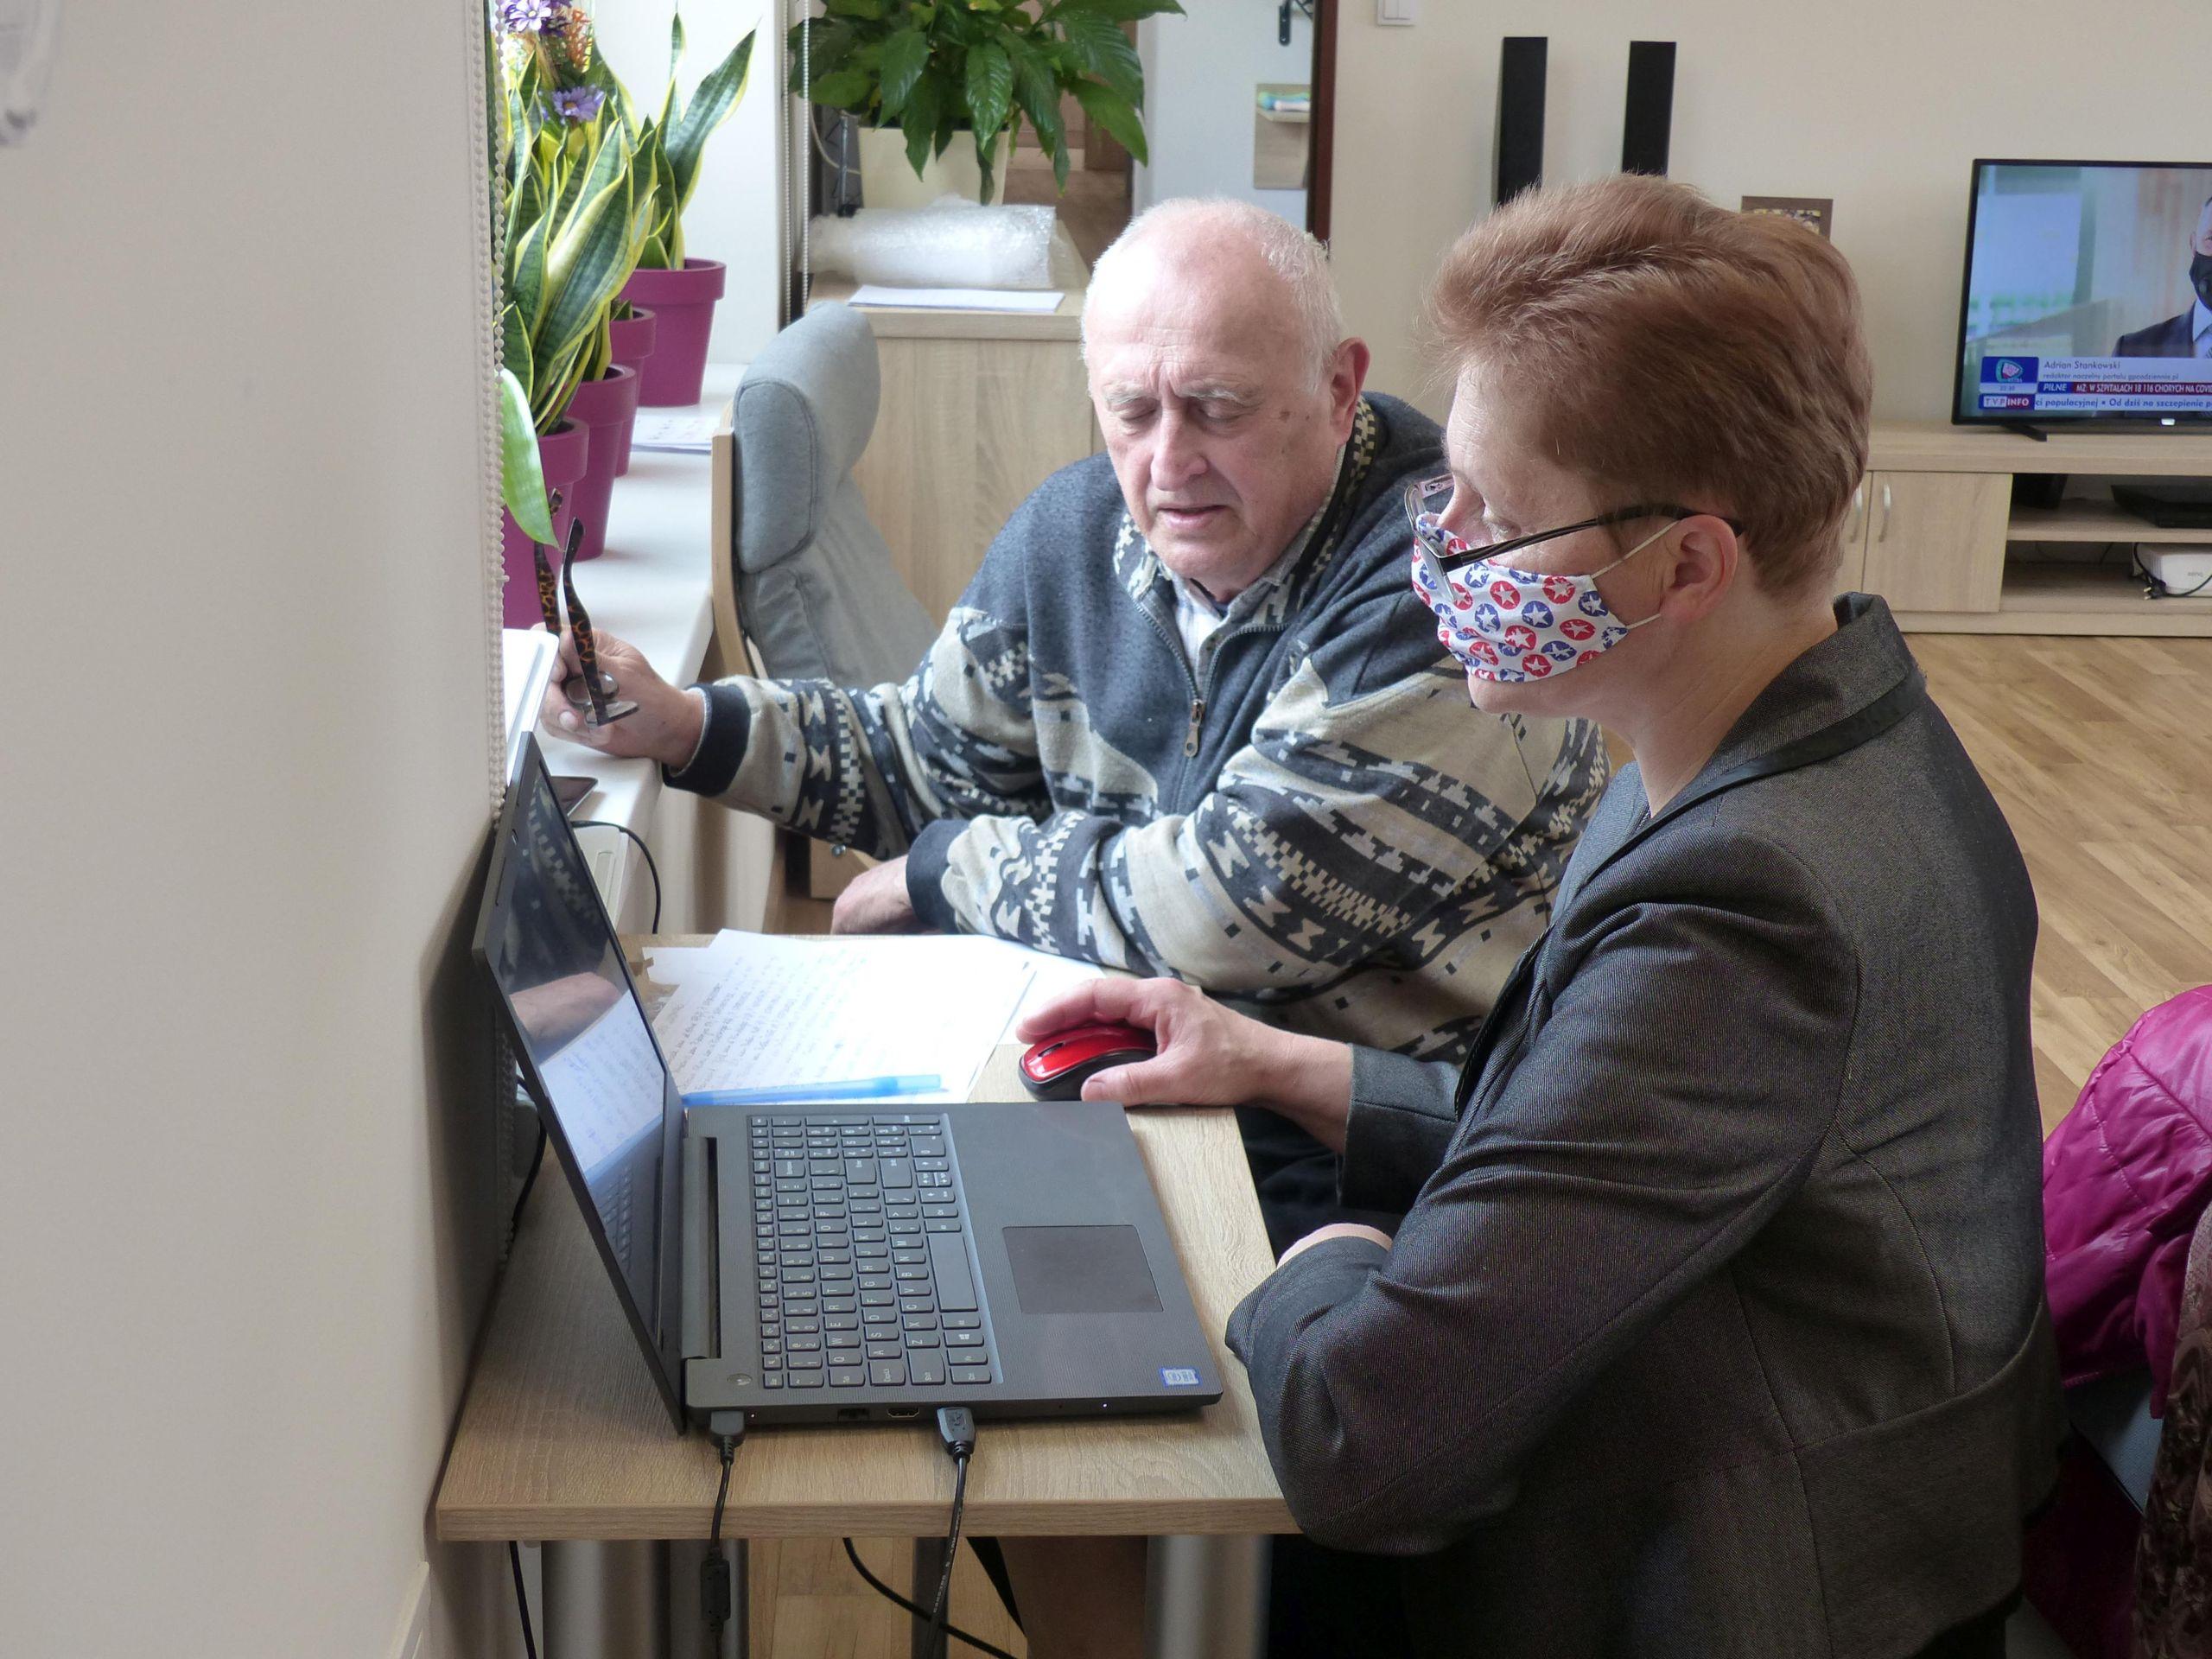 Narodowy Spis Powszechny Ludności i Mieszkańc 2021 w Srebrnej Podkowie